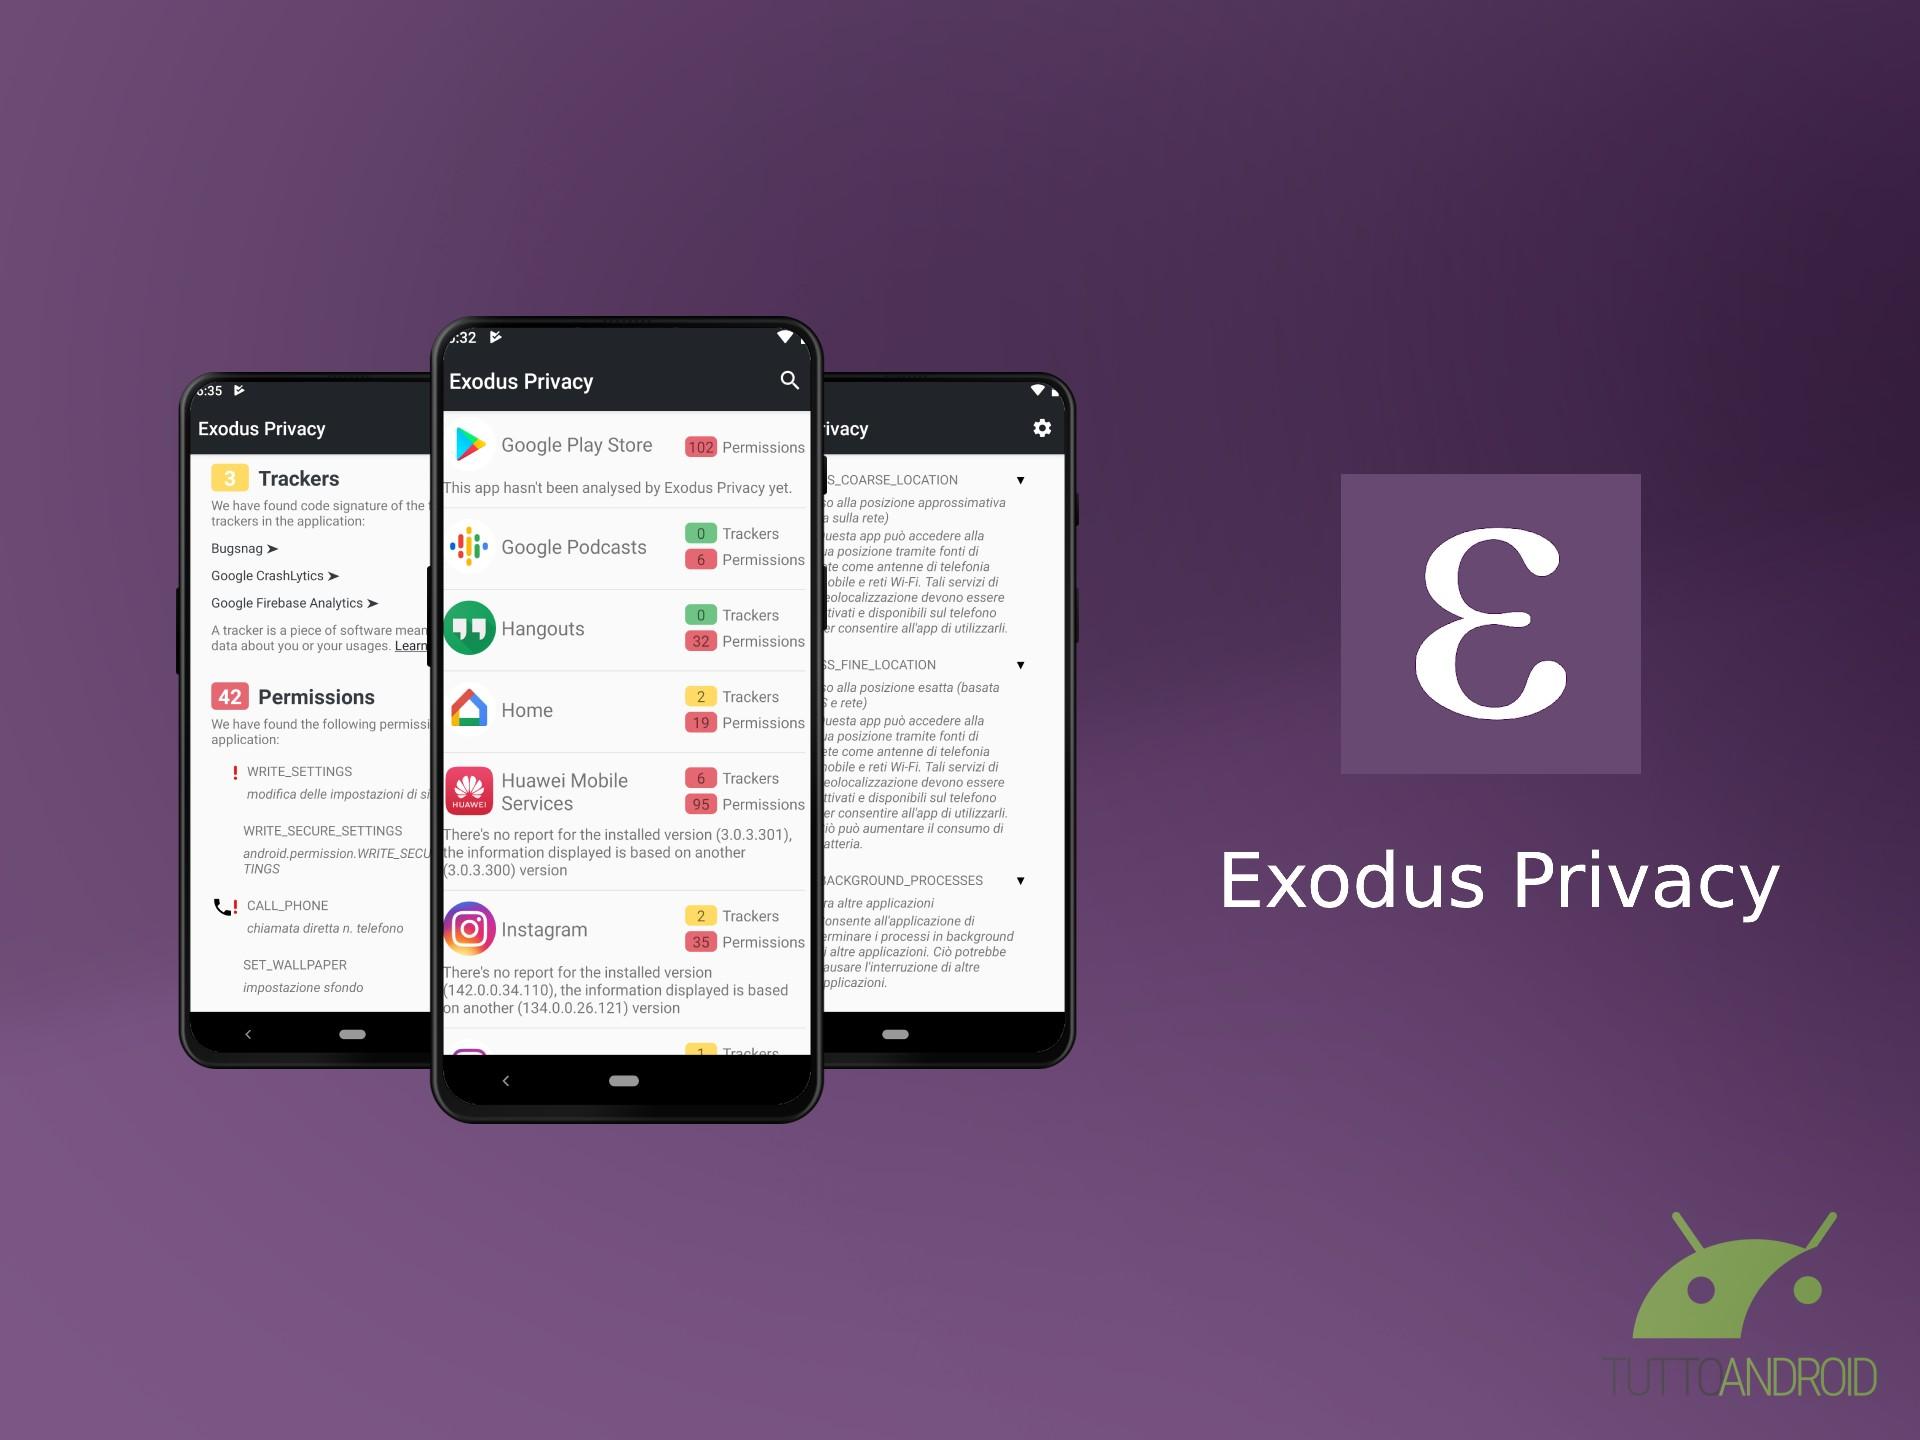 Exodus Privacy mostra tutti i tracker e le autorizzazioni de